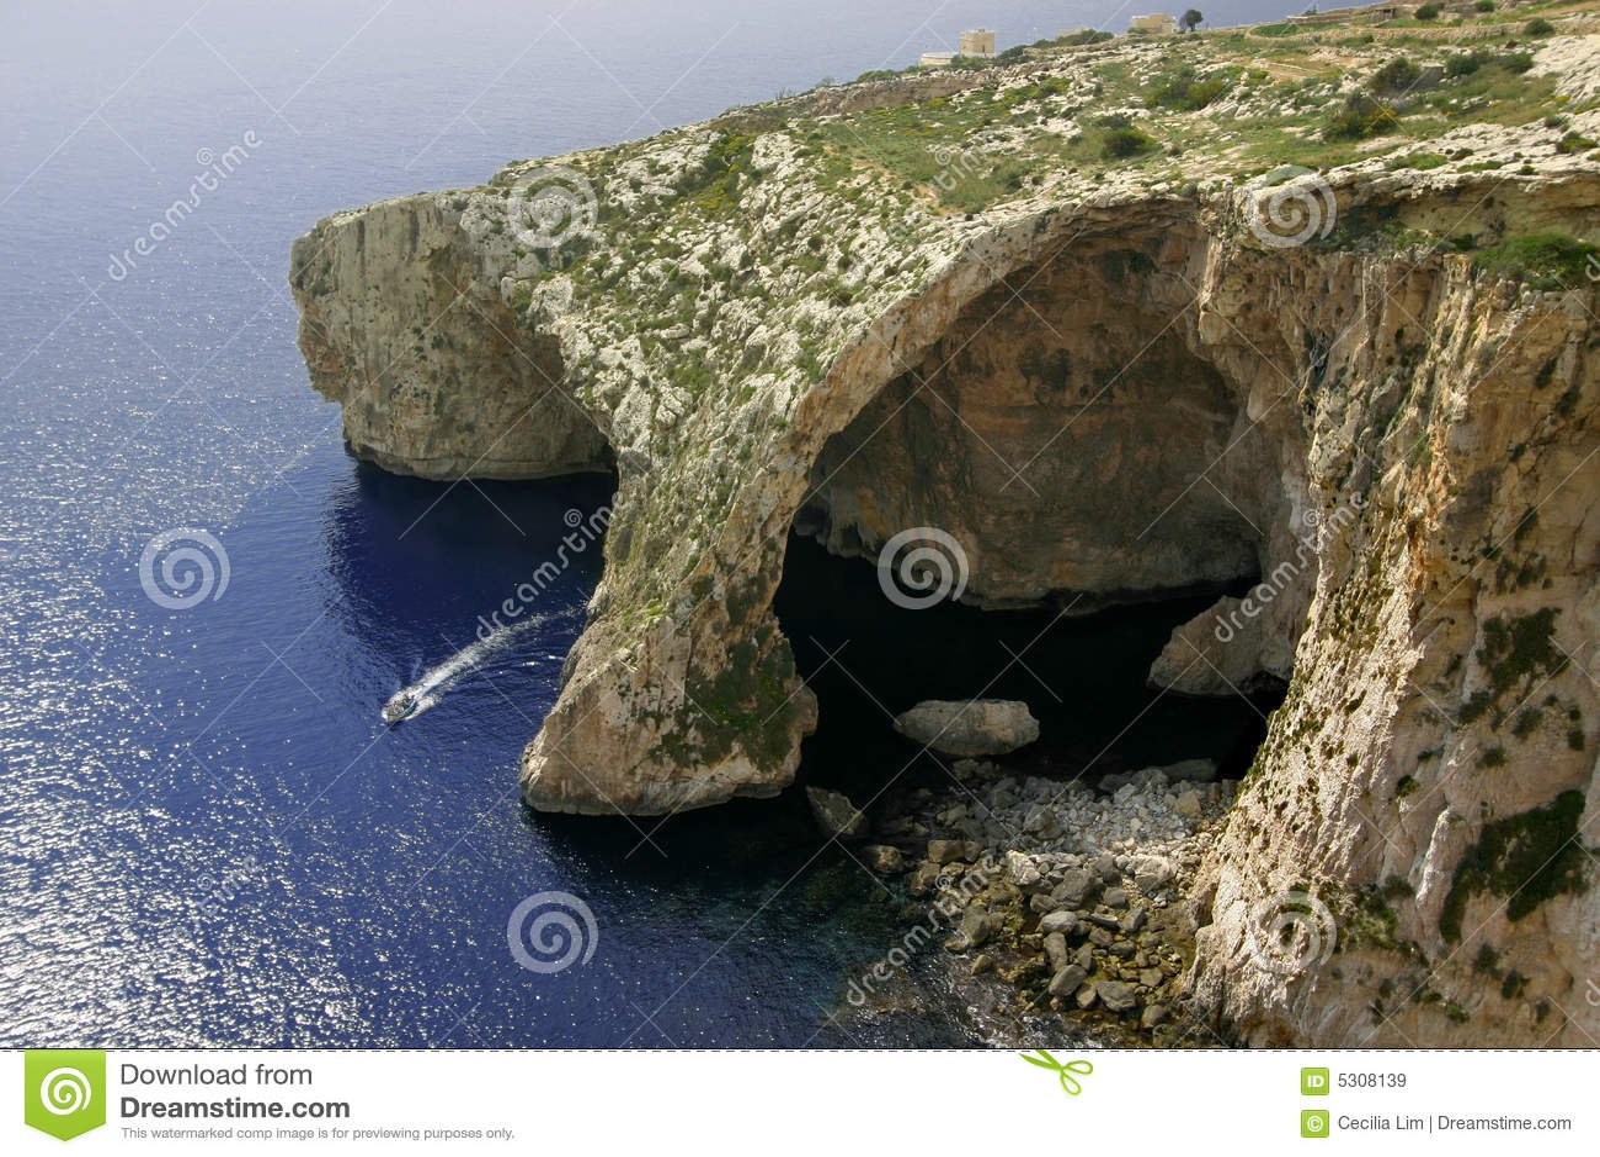 Blue Grotto, Gozo Island, Malta